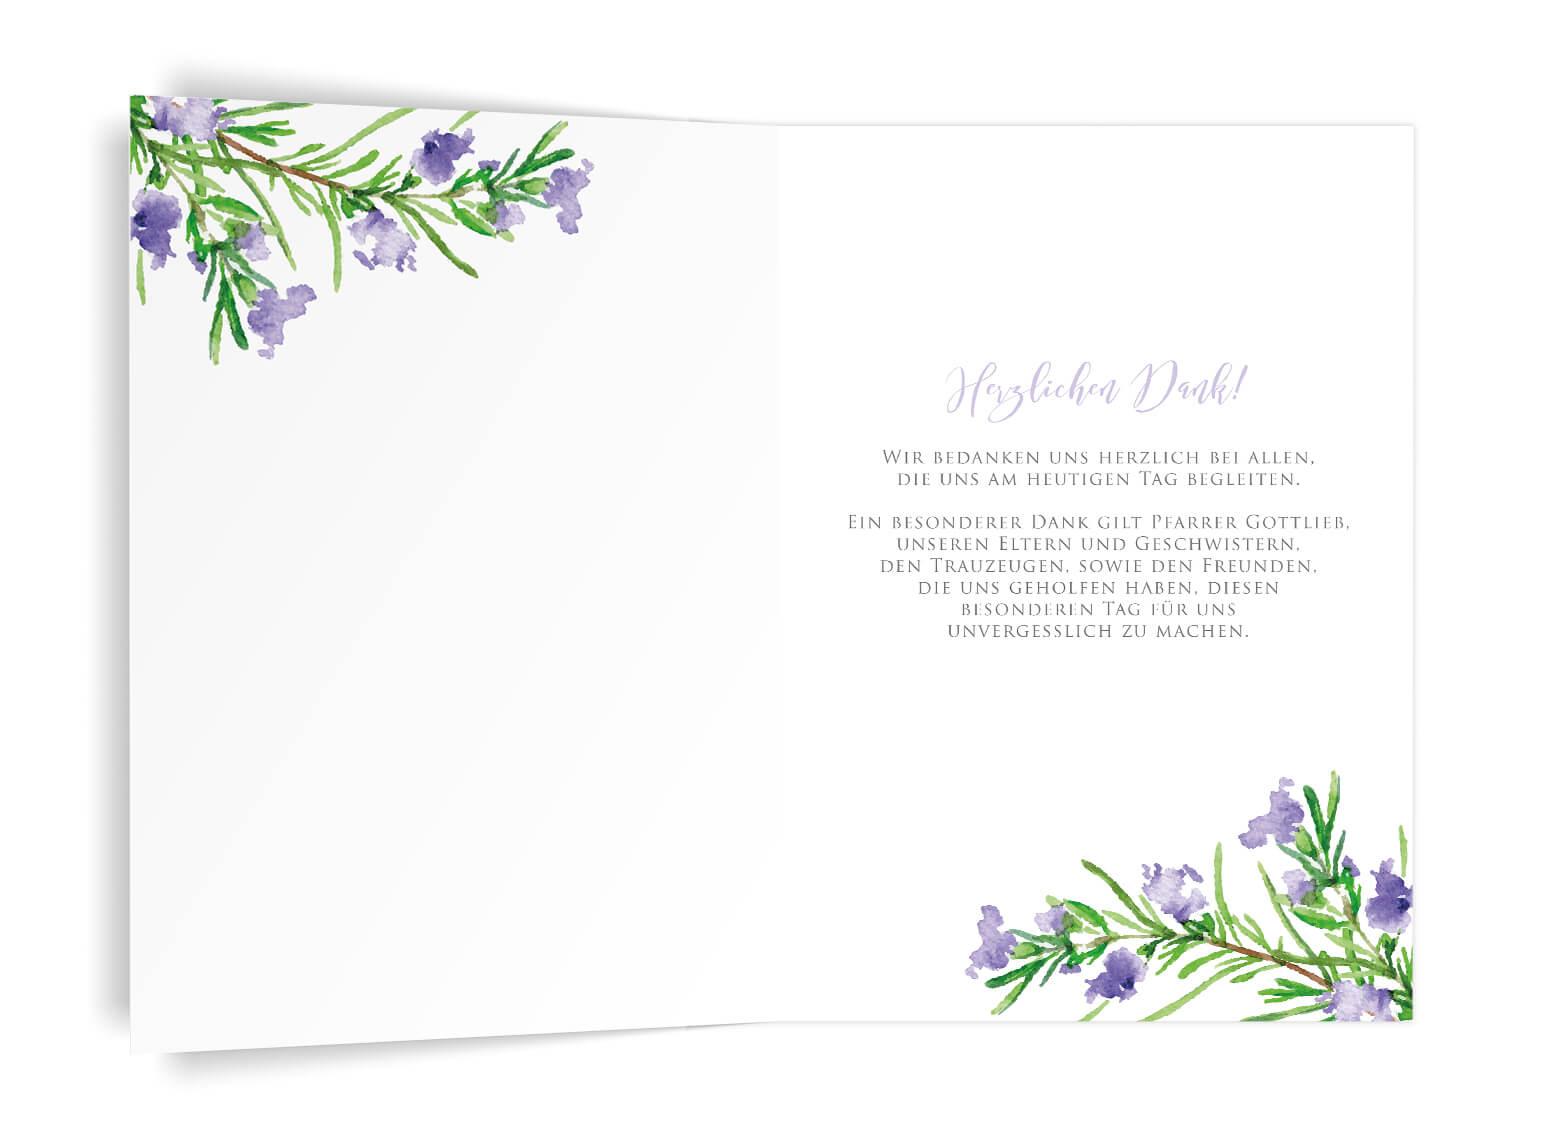 Kirchenheft-Umschlag Rosmarinzweige innenseiten in grün und violet